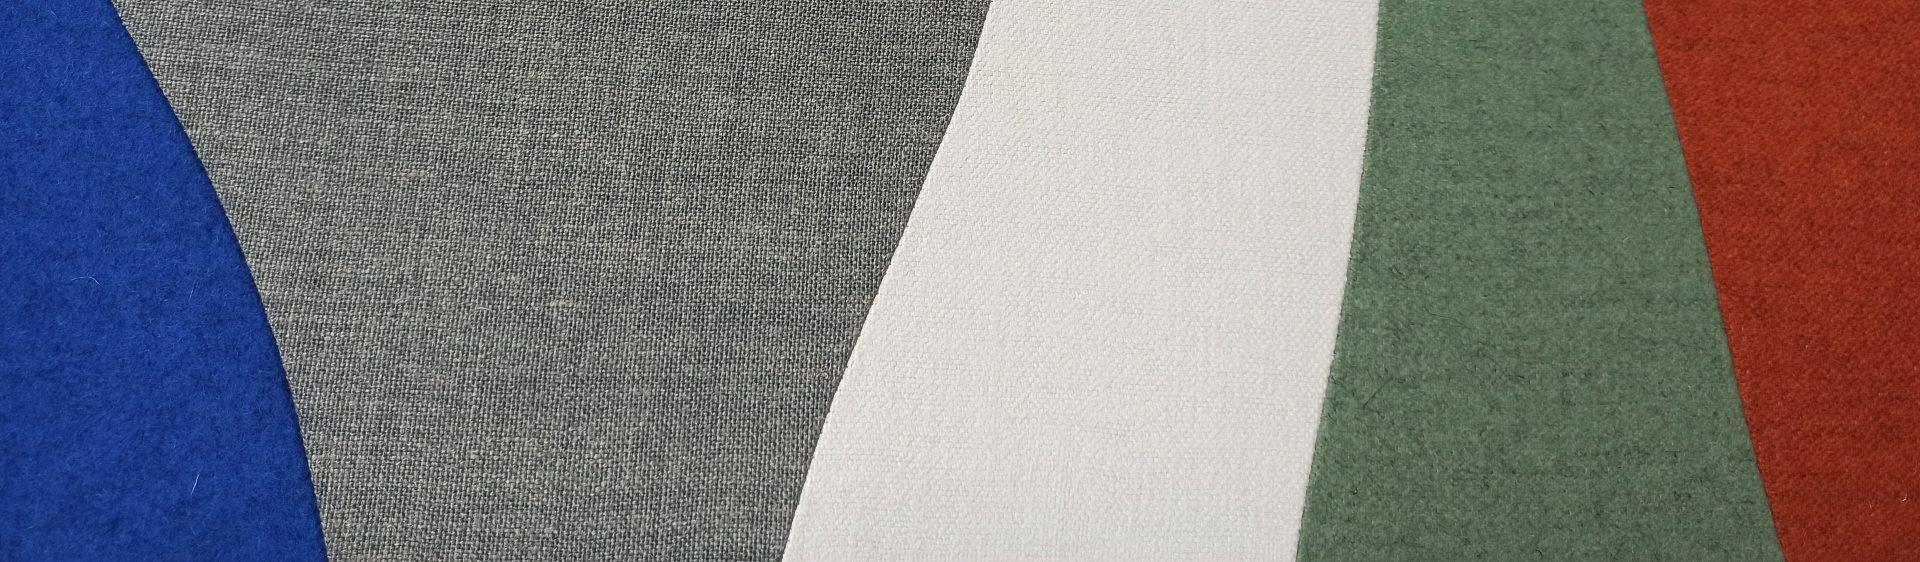 Création textile © Atelier Marlène Vidal